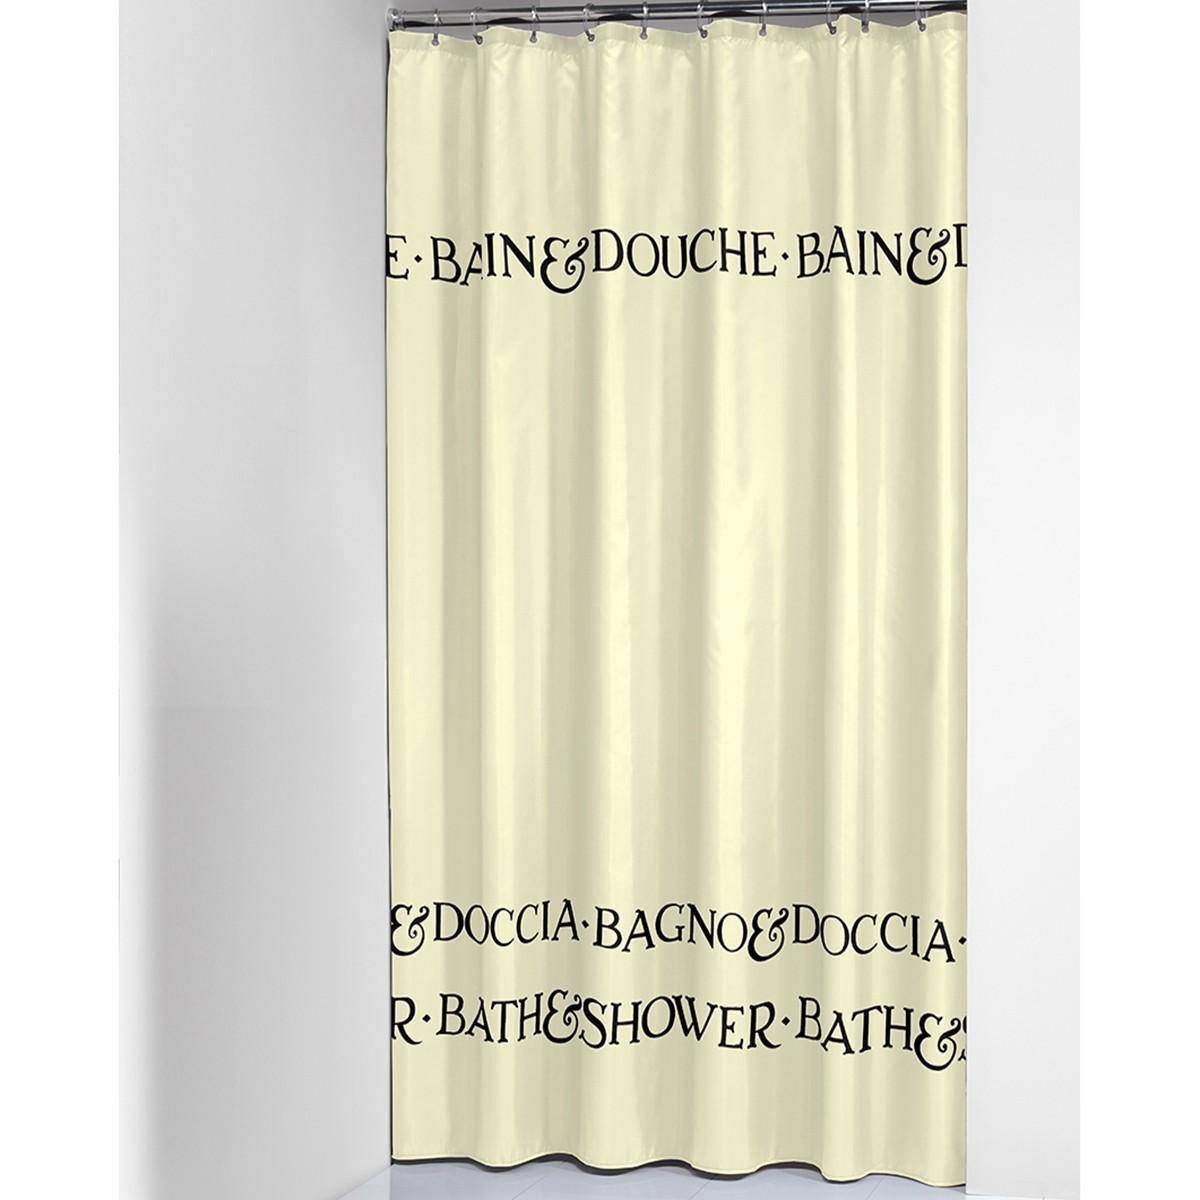 Κουρτίνα Μπάνιου (180x200) SealSkin Bath & Shower home   μπάνιο   κουρτίνες μπάνιου